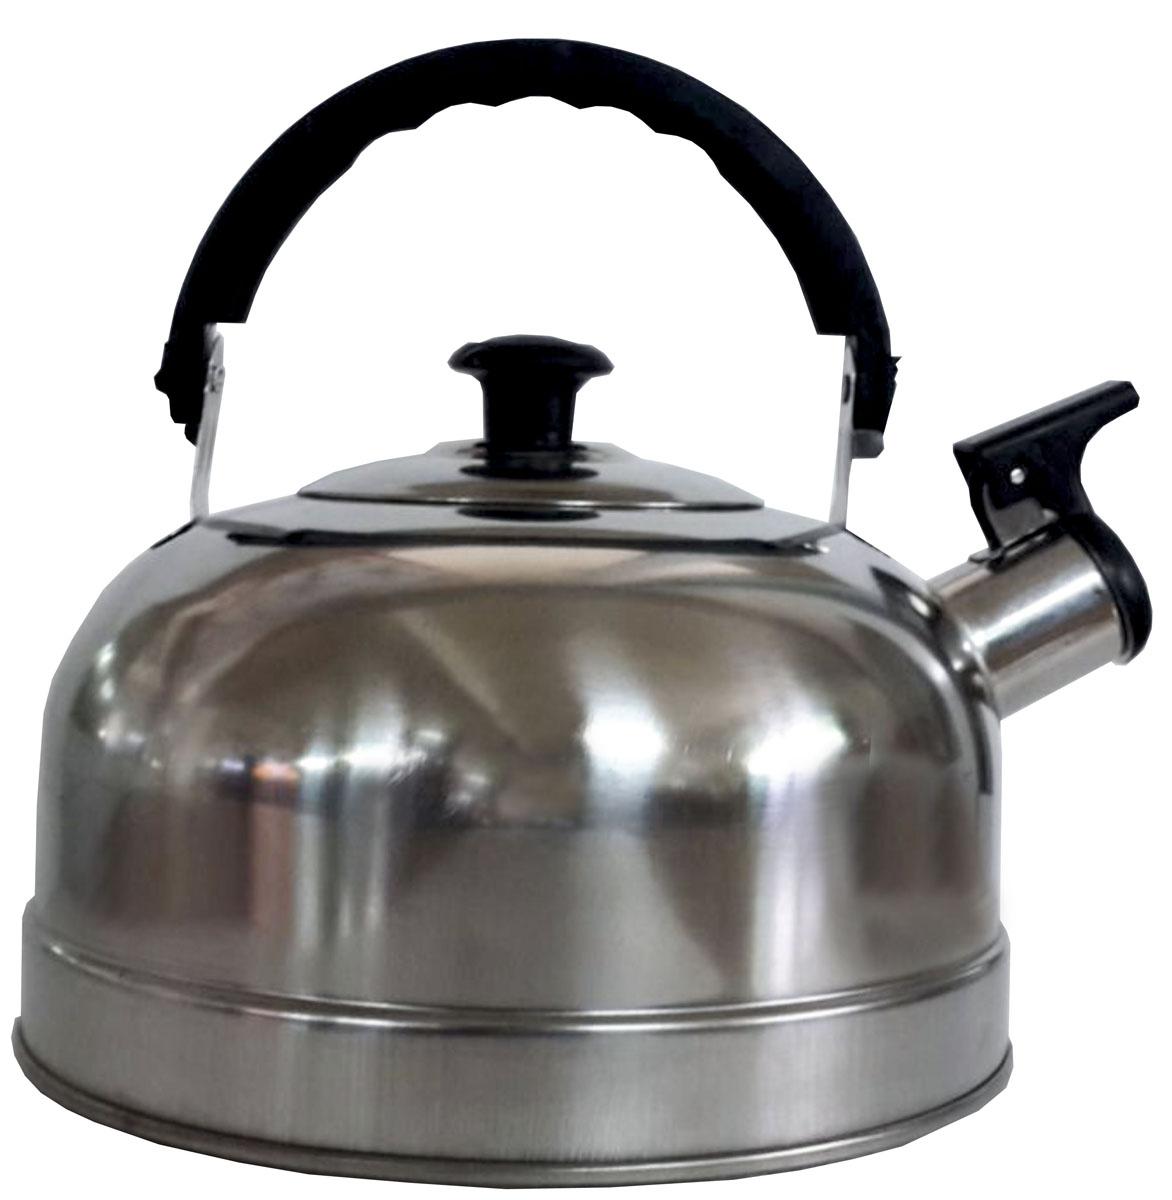 Чайник Irit, со свистком, цвет: серебристый, 1,7 л. IRH-421500152Чайник Irit изготовлен из высококачественной нержавеющей стали, имеет однослойное дно. Нержавеющая сталь обладает высокой устойчивостью к коррозии, не вступает в реакцию с холодными и горячими продуктами и полностью сохраняет их вкусовые качества. Чайник оснащен удобной ручкой из термостойкого пластика, которая не нагревается. Носик чайника имеет откидной свисток, звуковой сигнал которого подскажет, когда закипит вода.